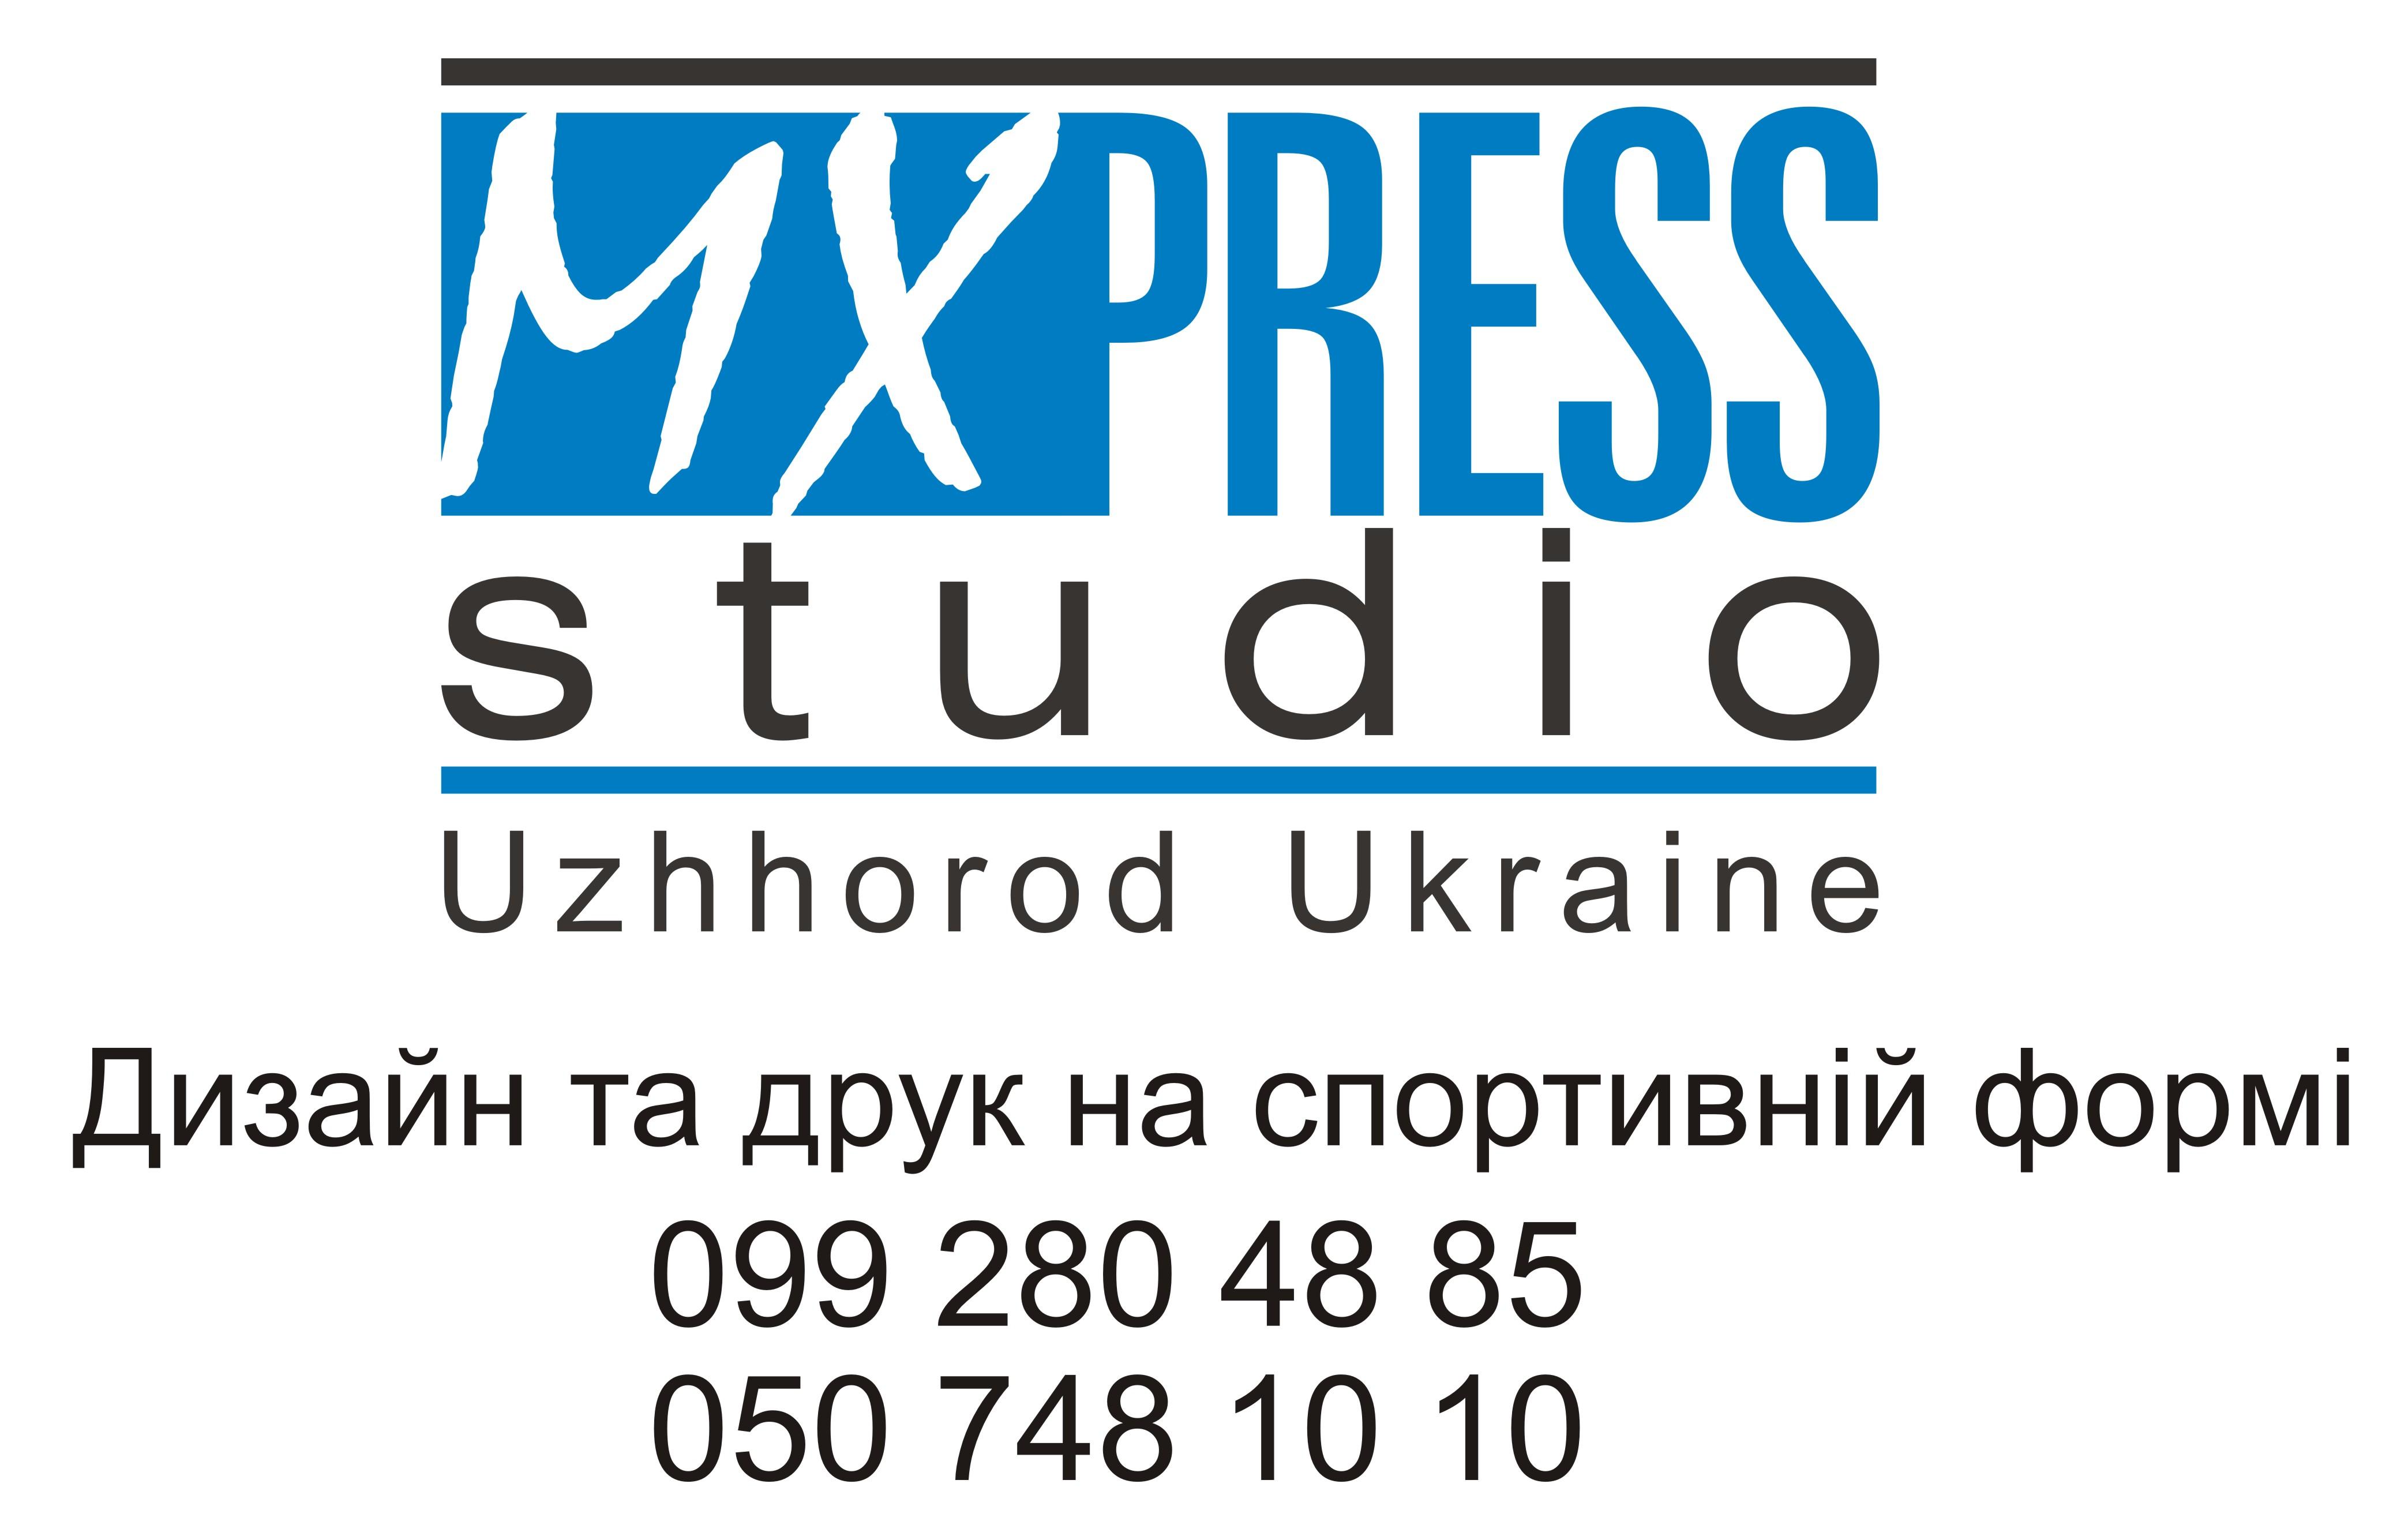 Mx Press